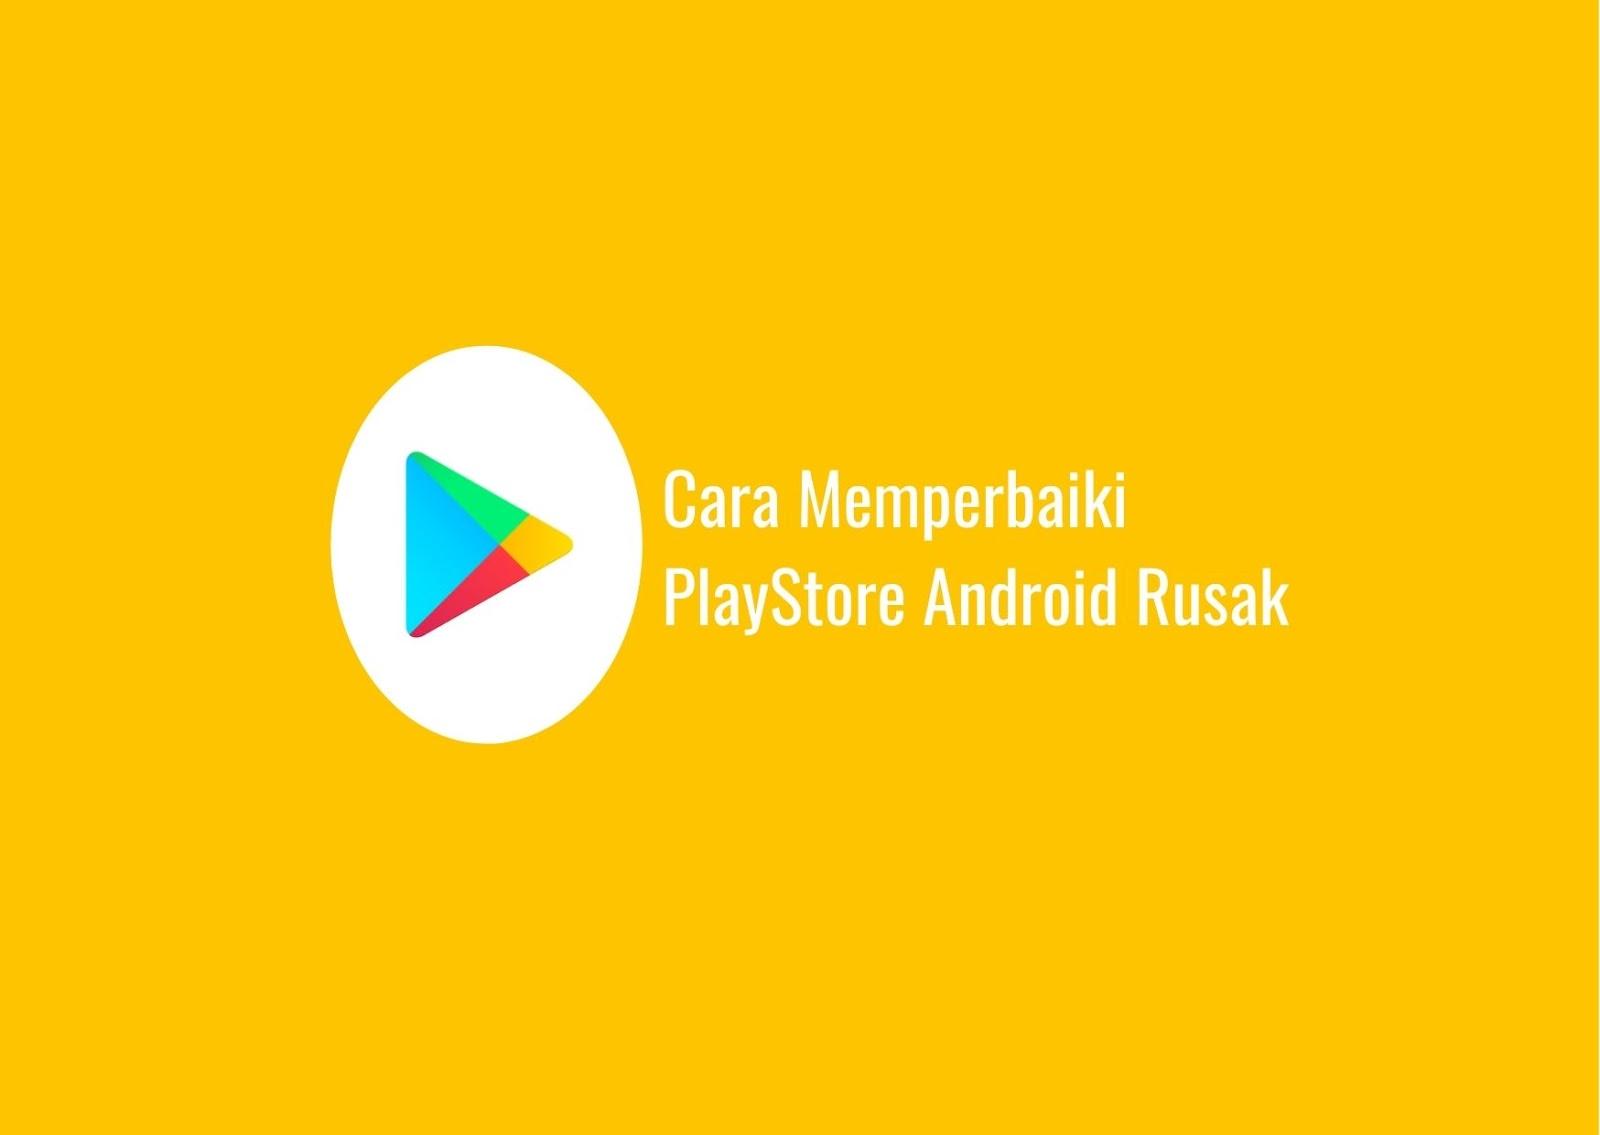 Cara Memperbaiki PlayStore Android Rusak